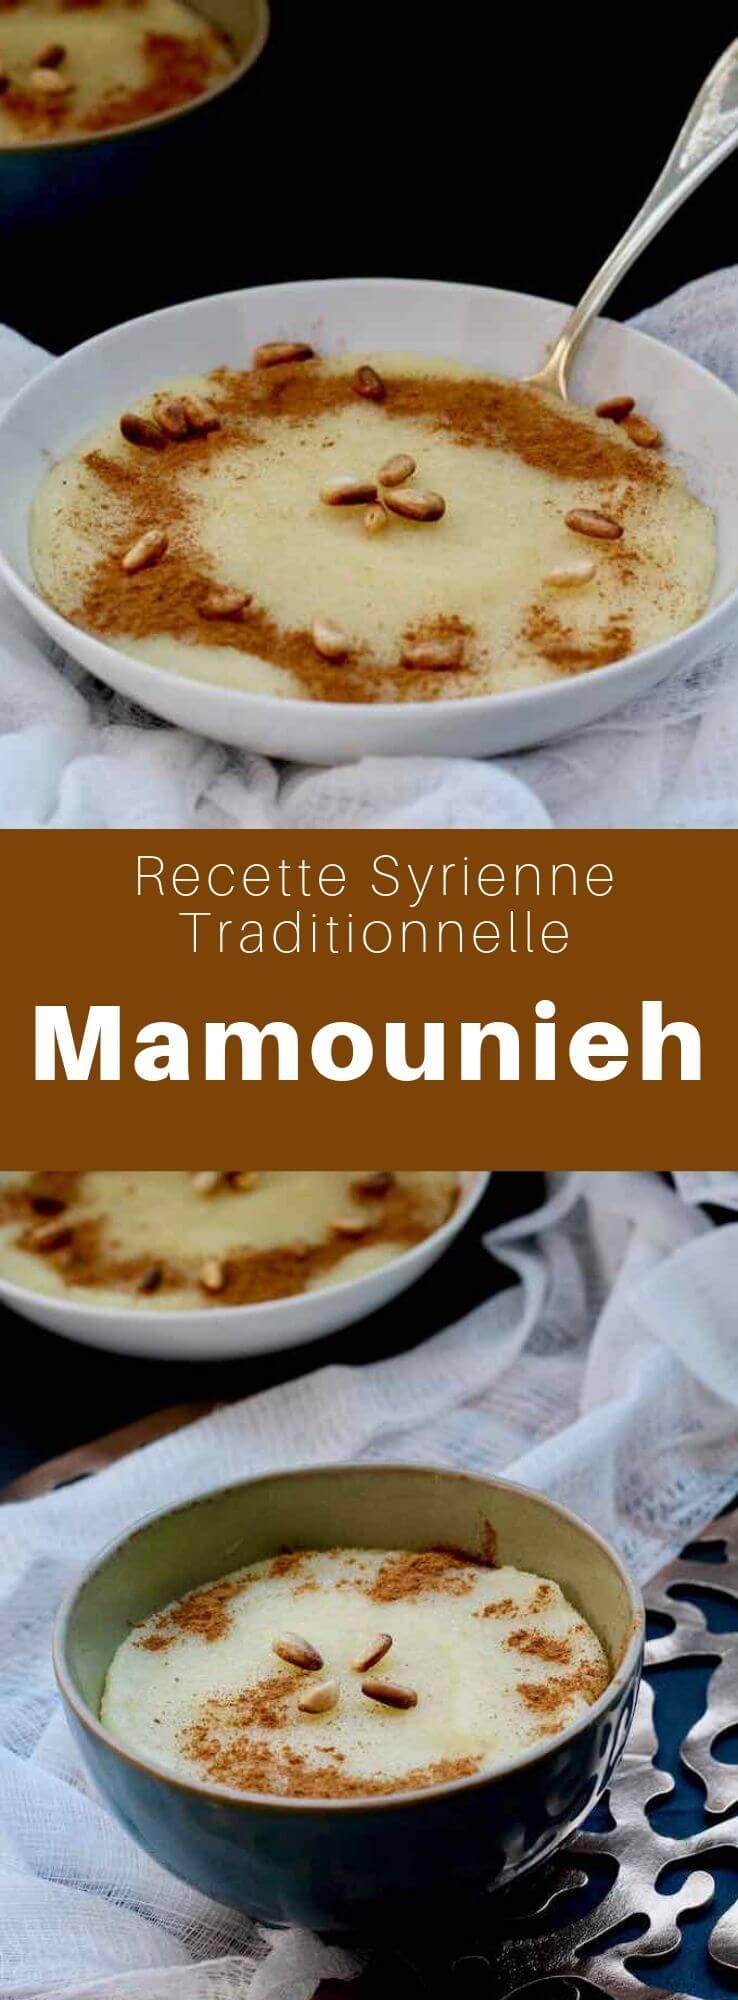 La mamouniyé ou mamounia est une délicieuse crème de semoule torréfiée avec du beurre et liée avec du sirop de sucre que les Syriens dégustent au petit-déjeuner. #CuisineSyrienne #RecetteSyrienne #Syrie #CuisineMoyenOrientale #MoyenOrient #CuisineArabe #RecetteArabe #CuisineDuMonde #196flavors